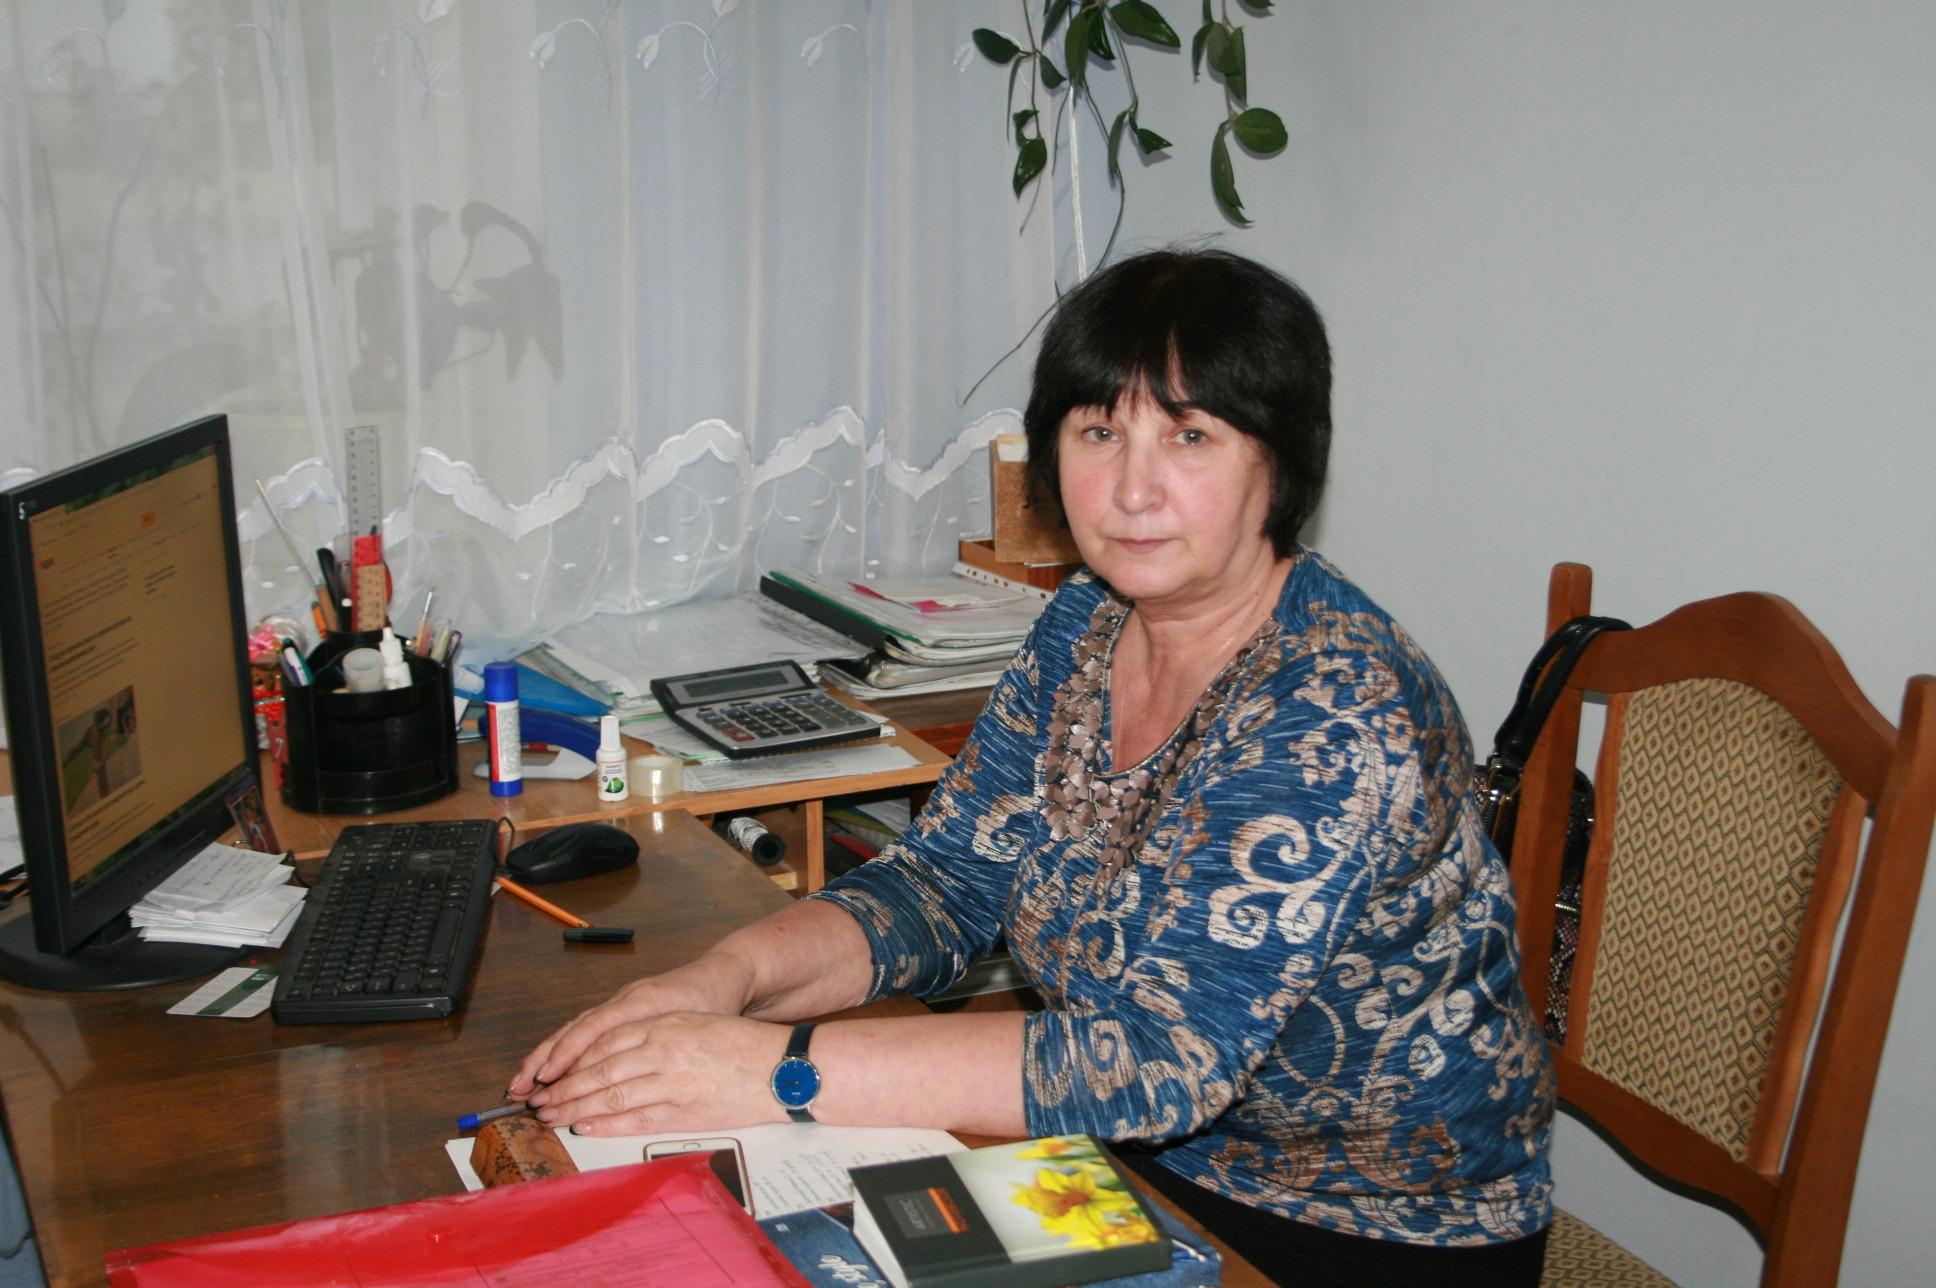 Клинцовский индустриально-педагогический колледж